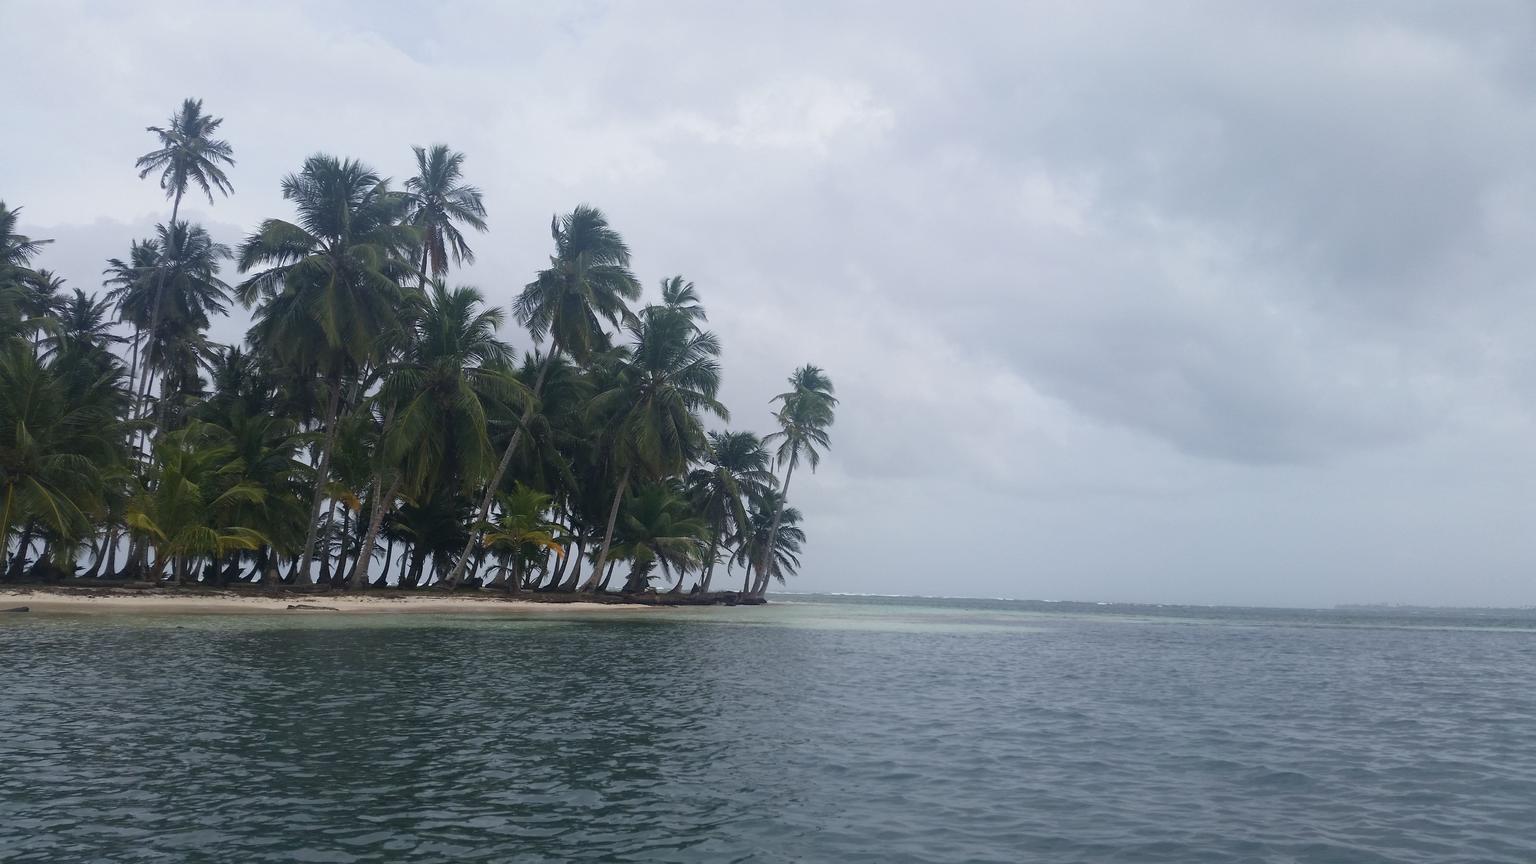 MÁS FOTOS, Escapada de un día recorriendo las islas San Blas desde la Ciudad de Panamá